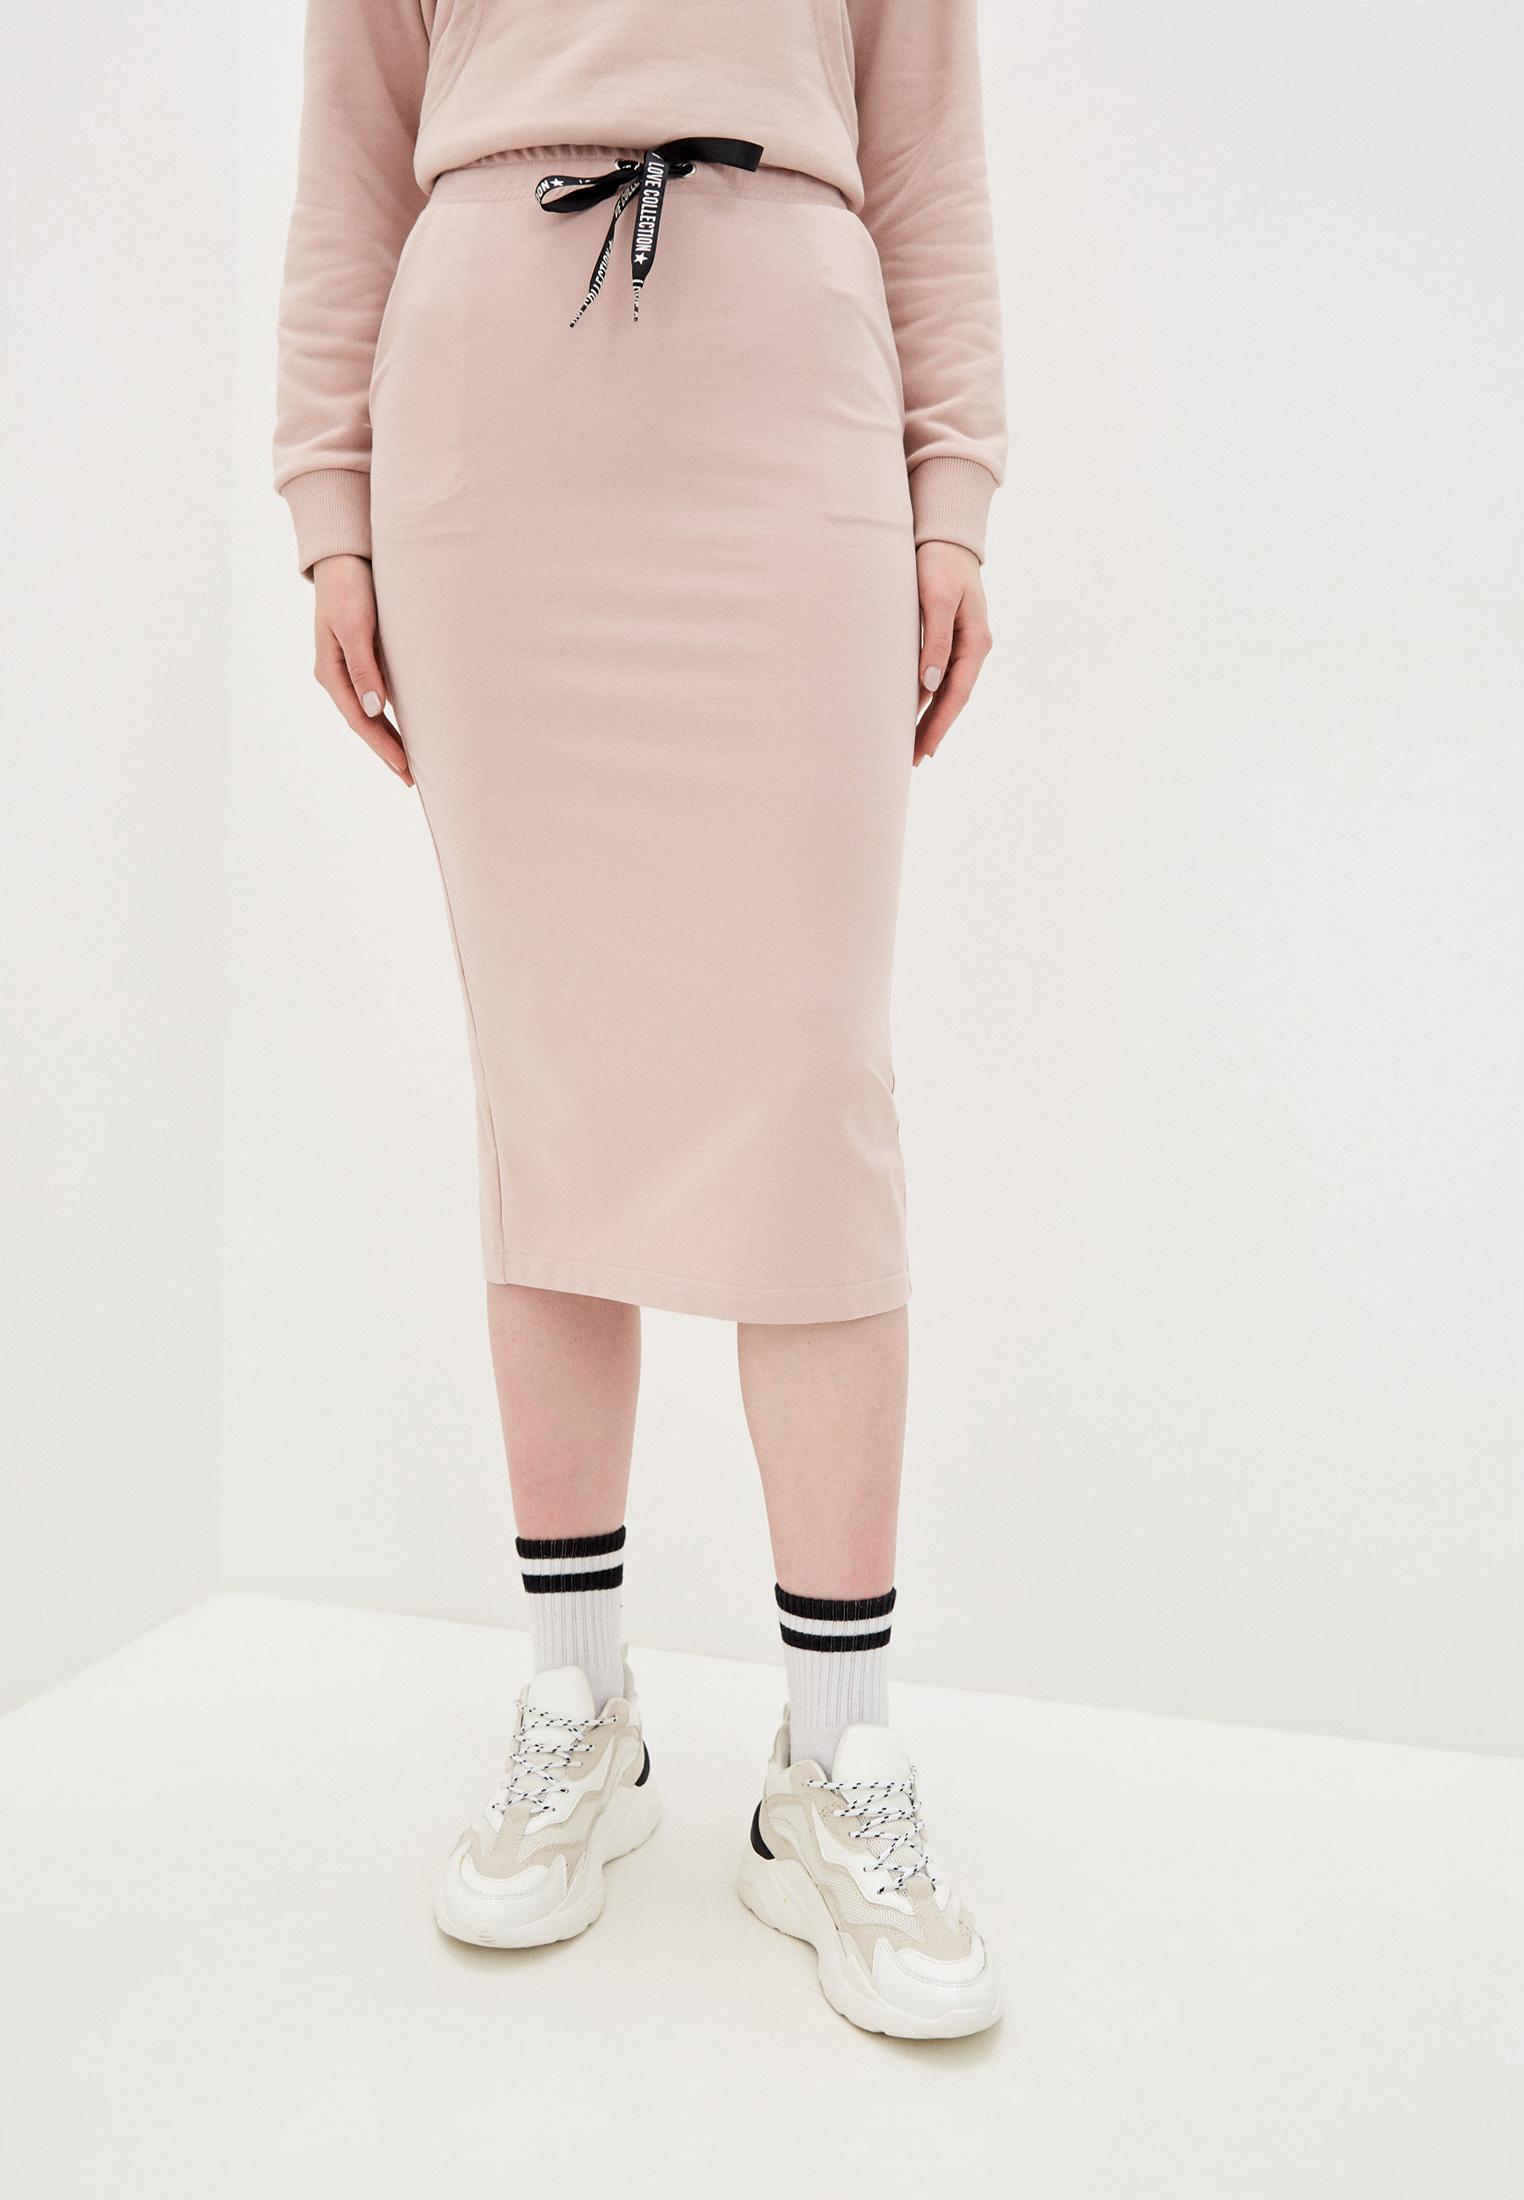 Узкая юбка Pink Frost PFSS20-YR-B